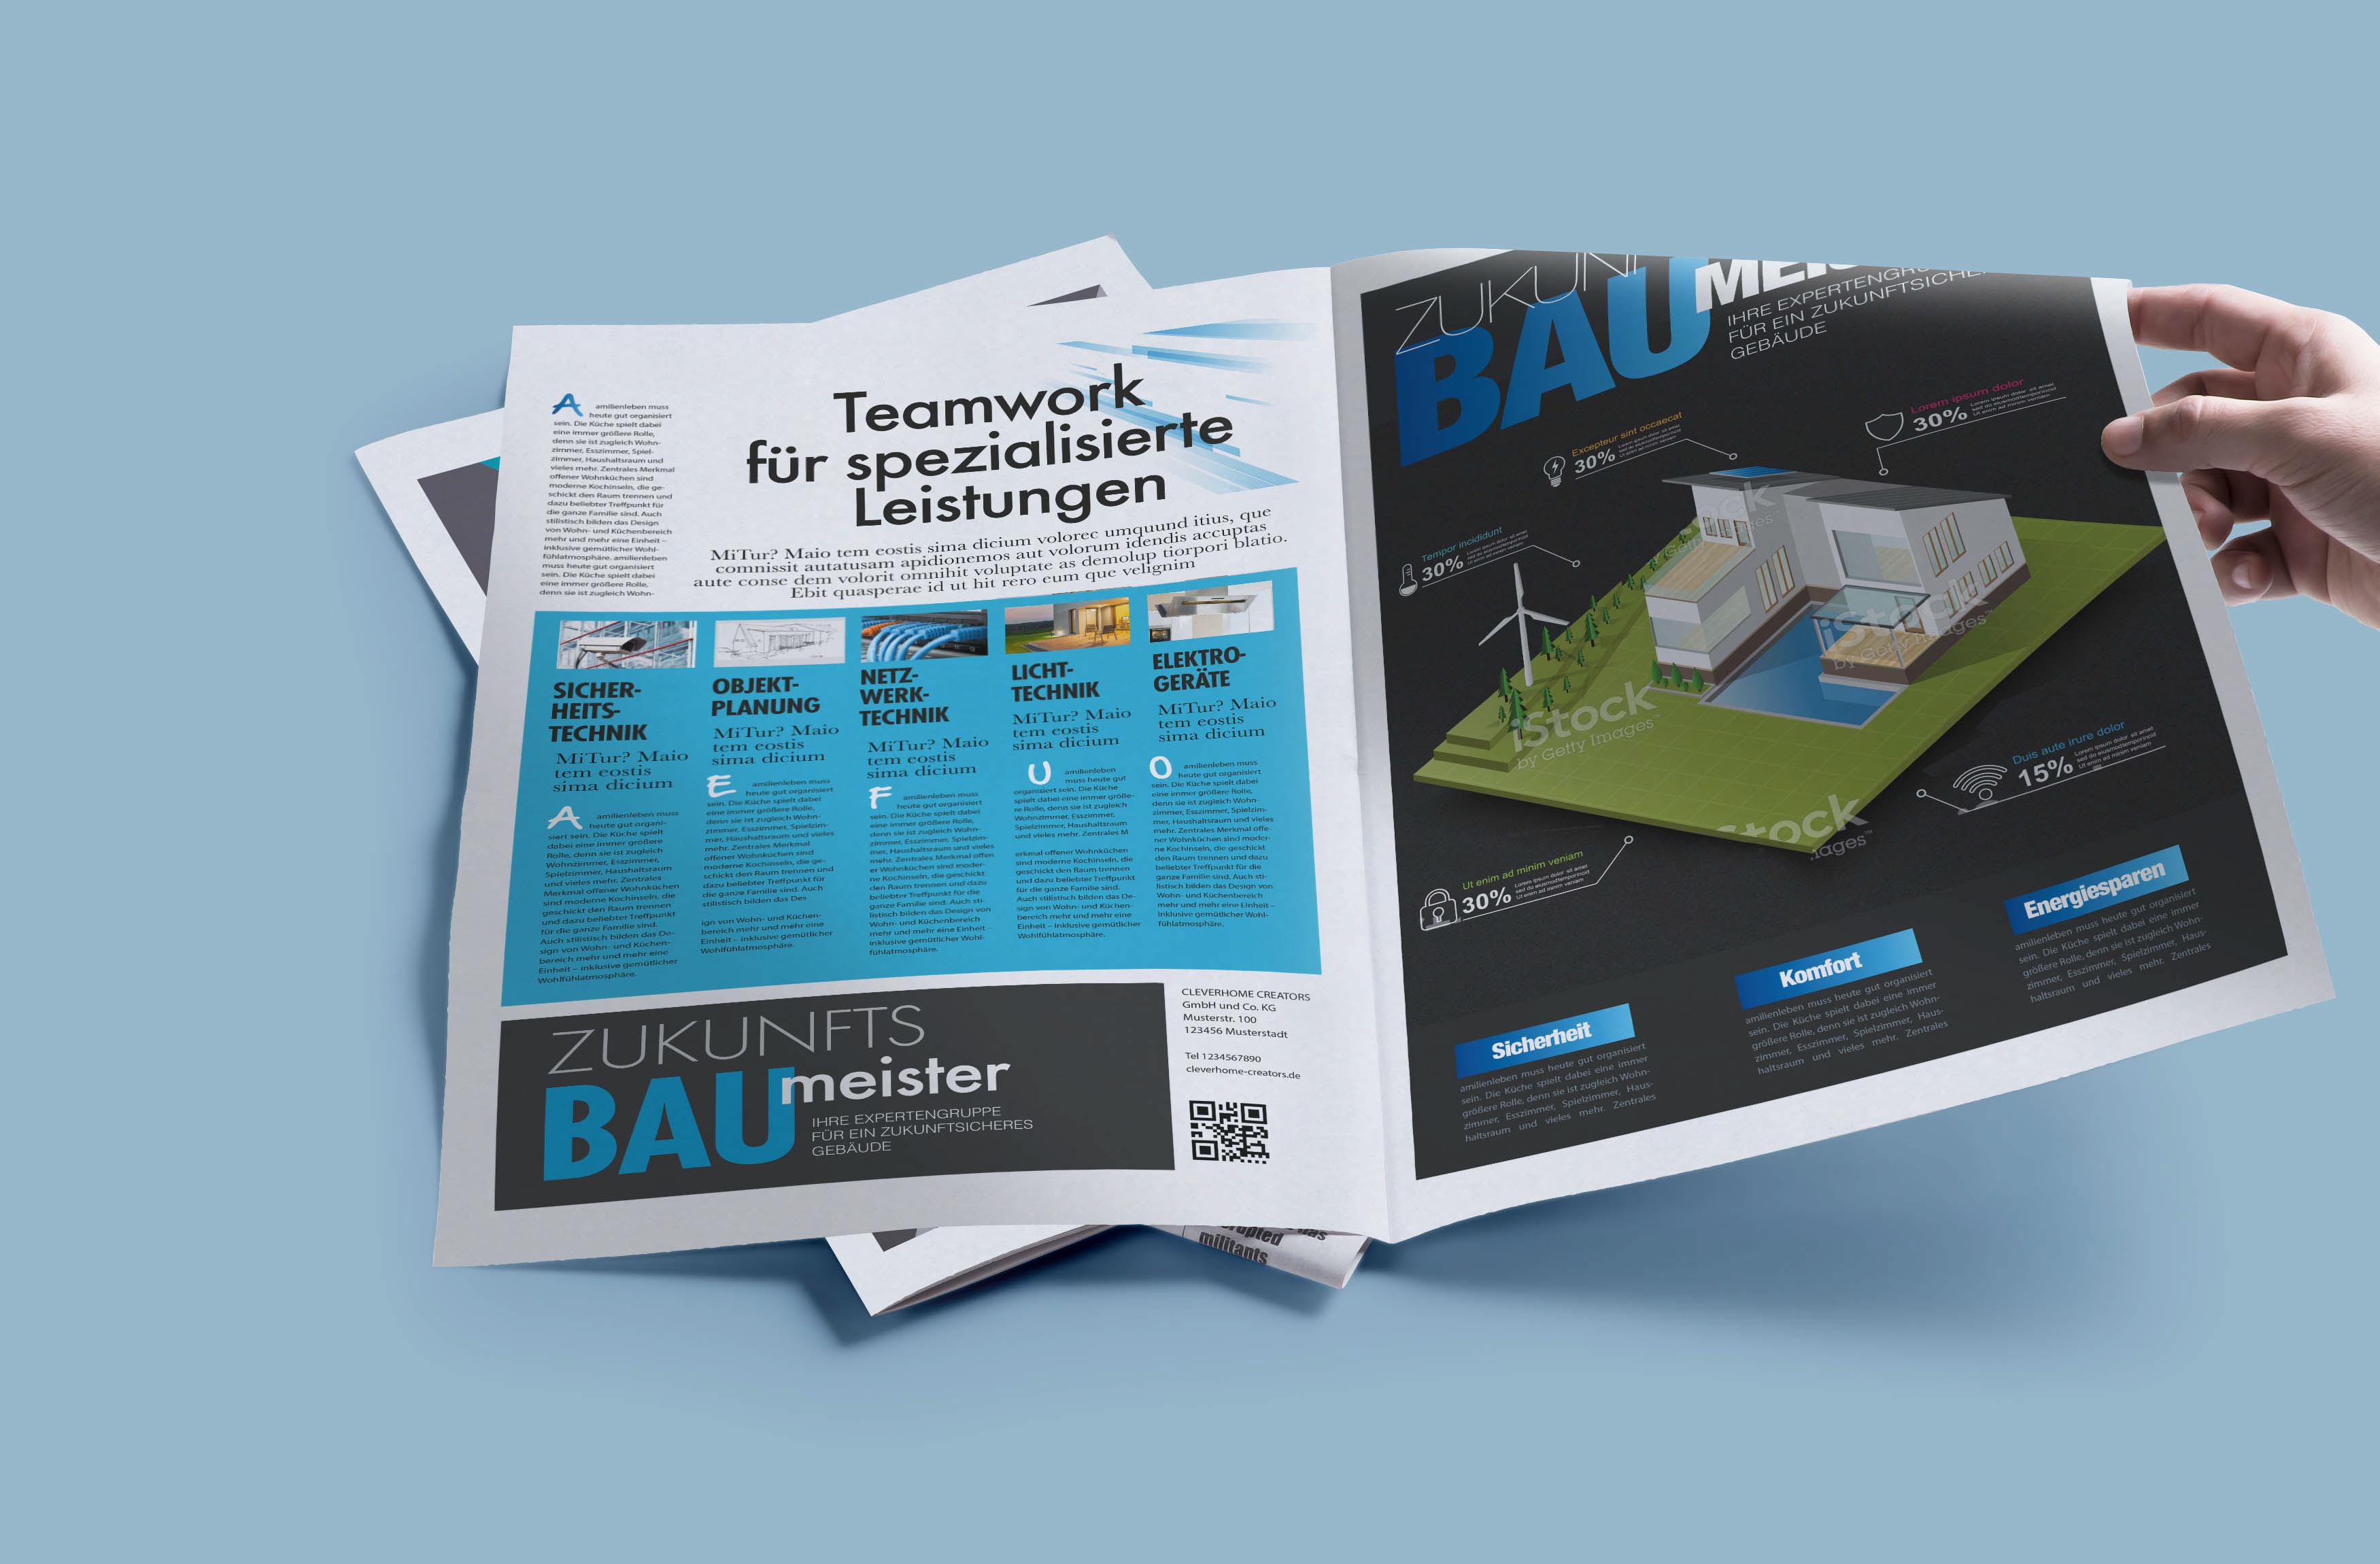 Zukunfts Baumeister Zeitung on Behance